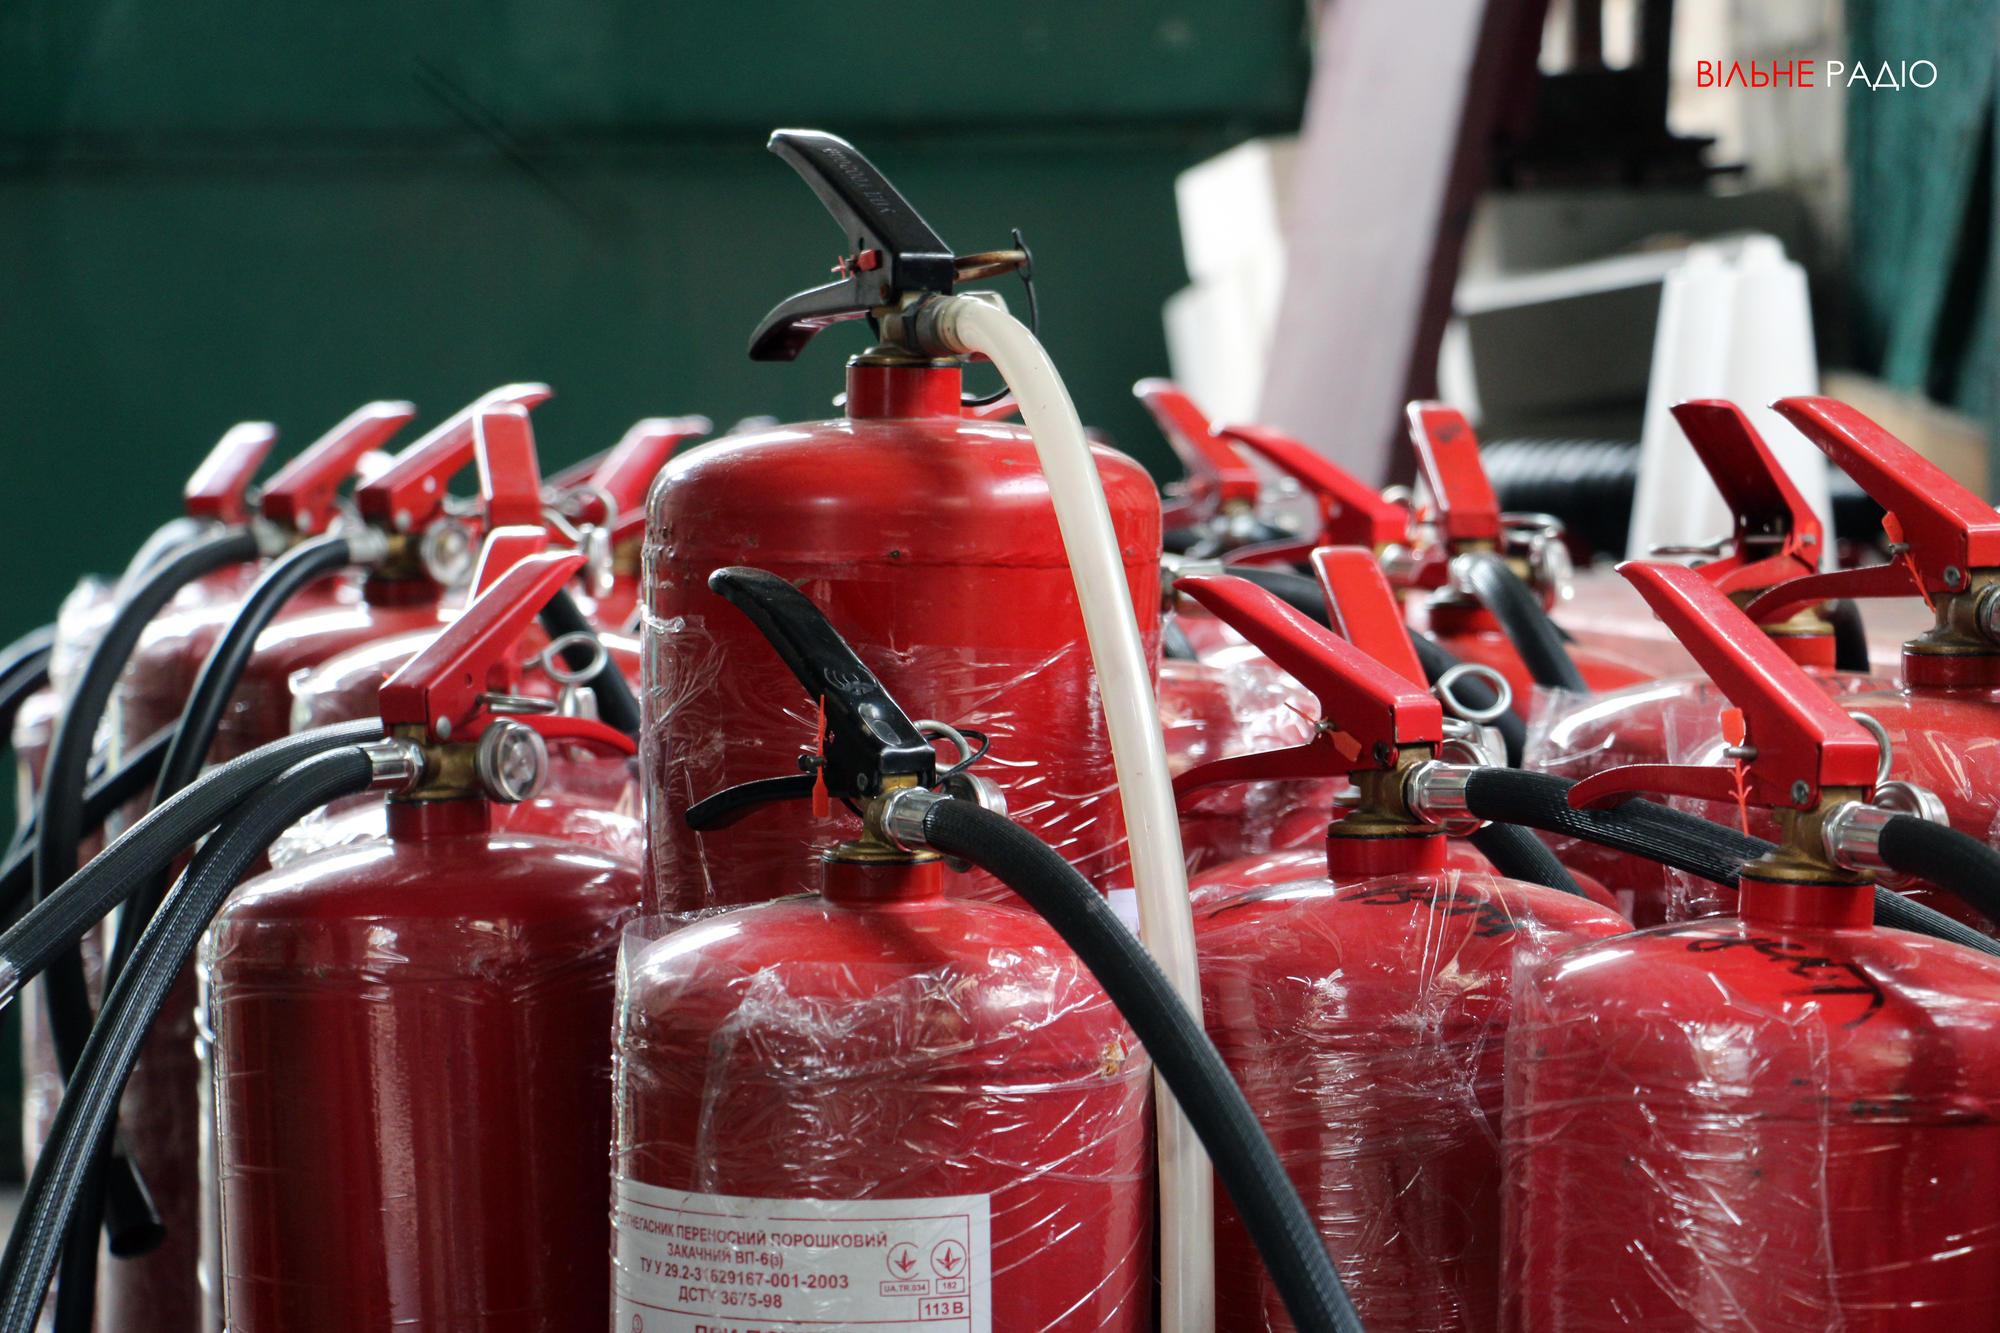 Мешканці прифронтової Жованки Донецької області отримали вогнегасники від благодійників